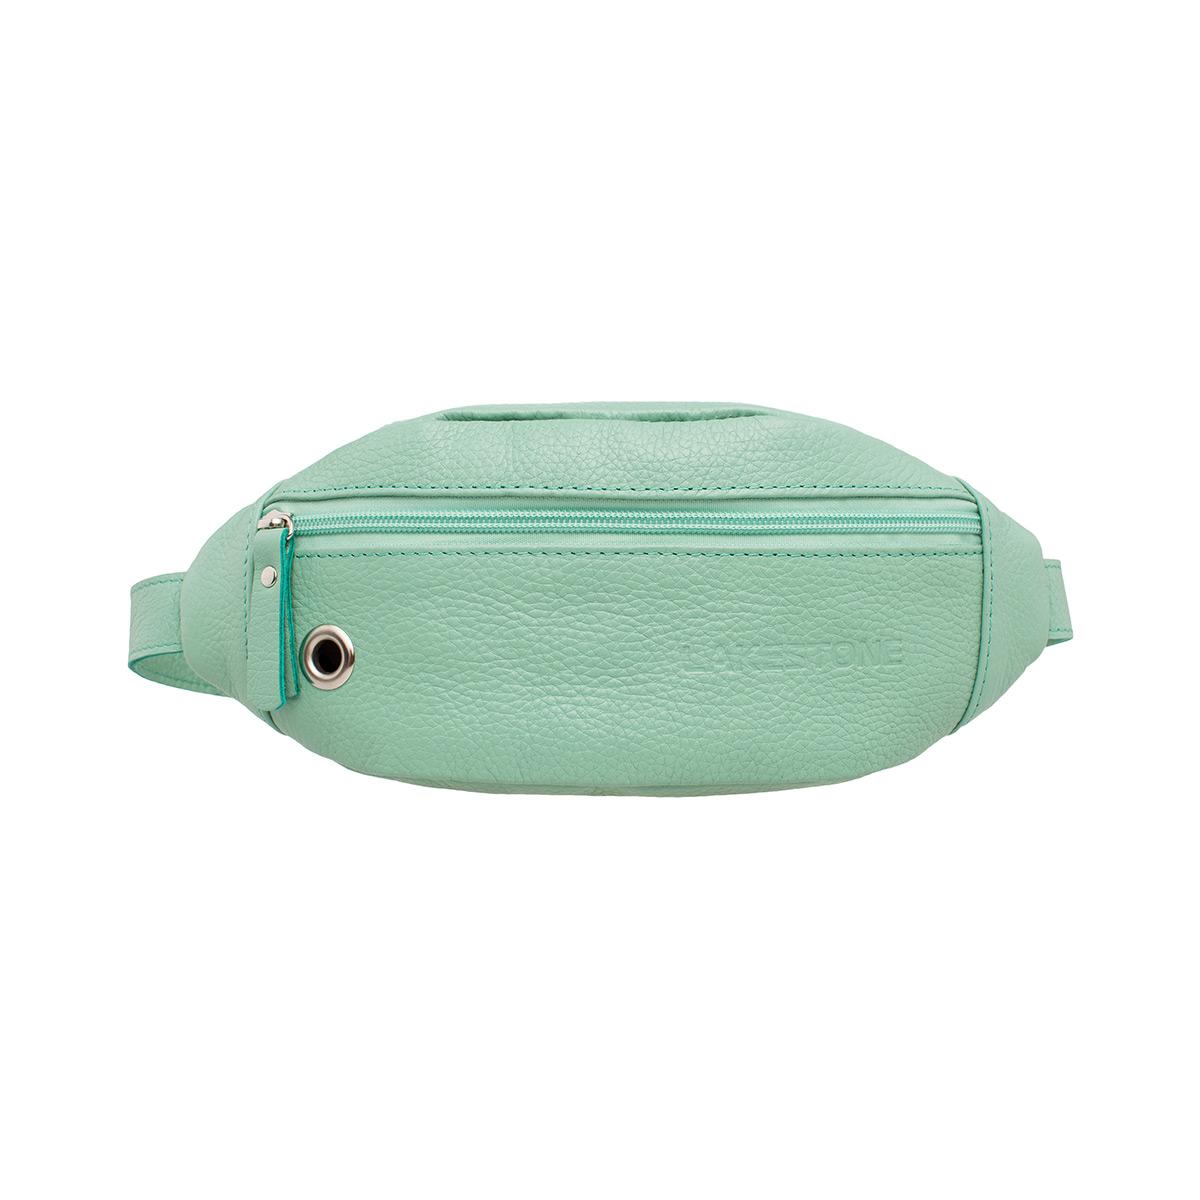 Женская сумка на пояс Bisley Mint Green фото